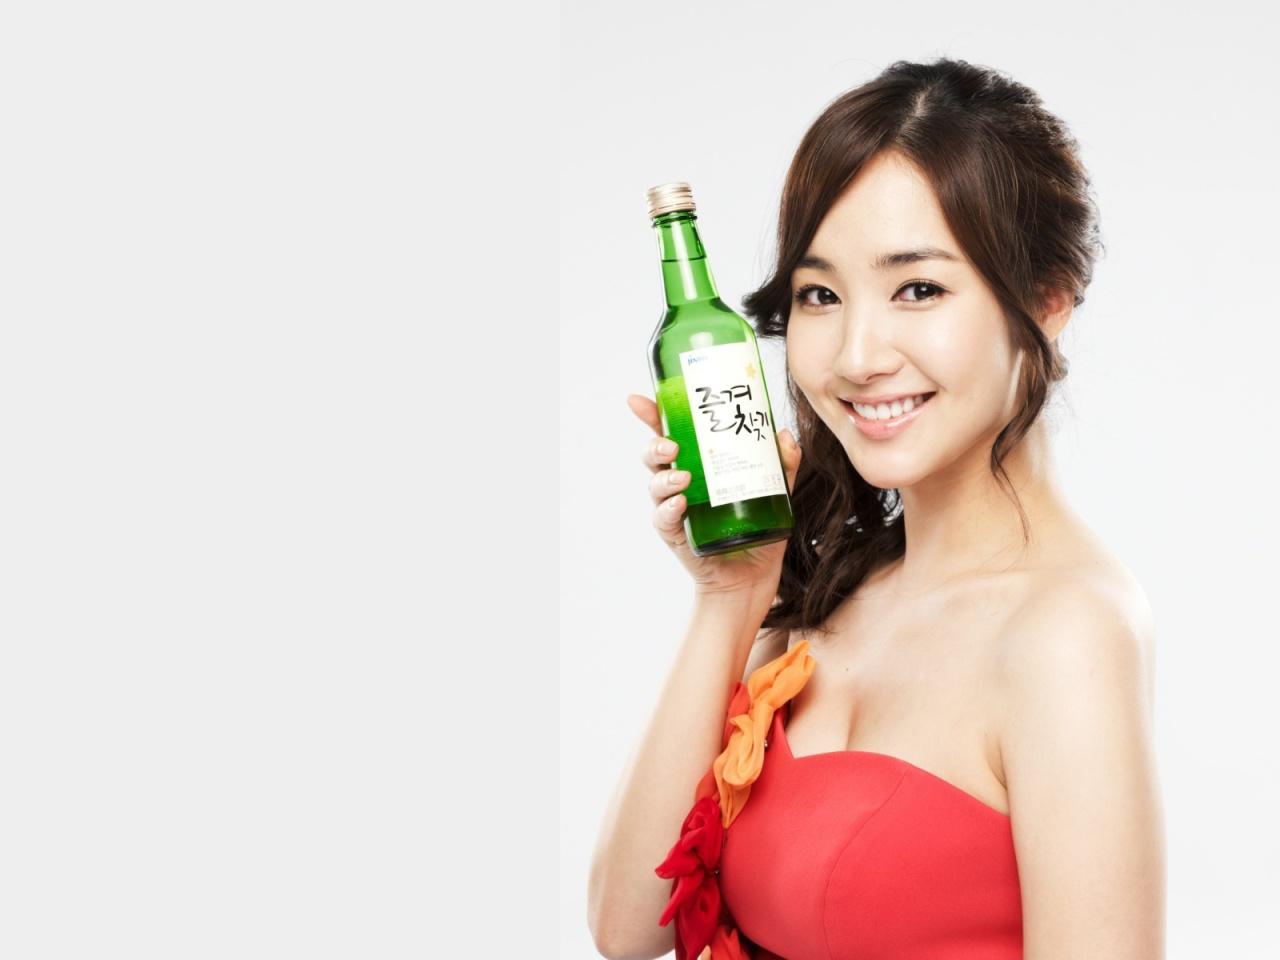 韩国美女朴敏英 28